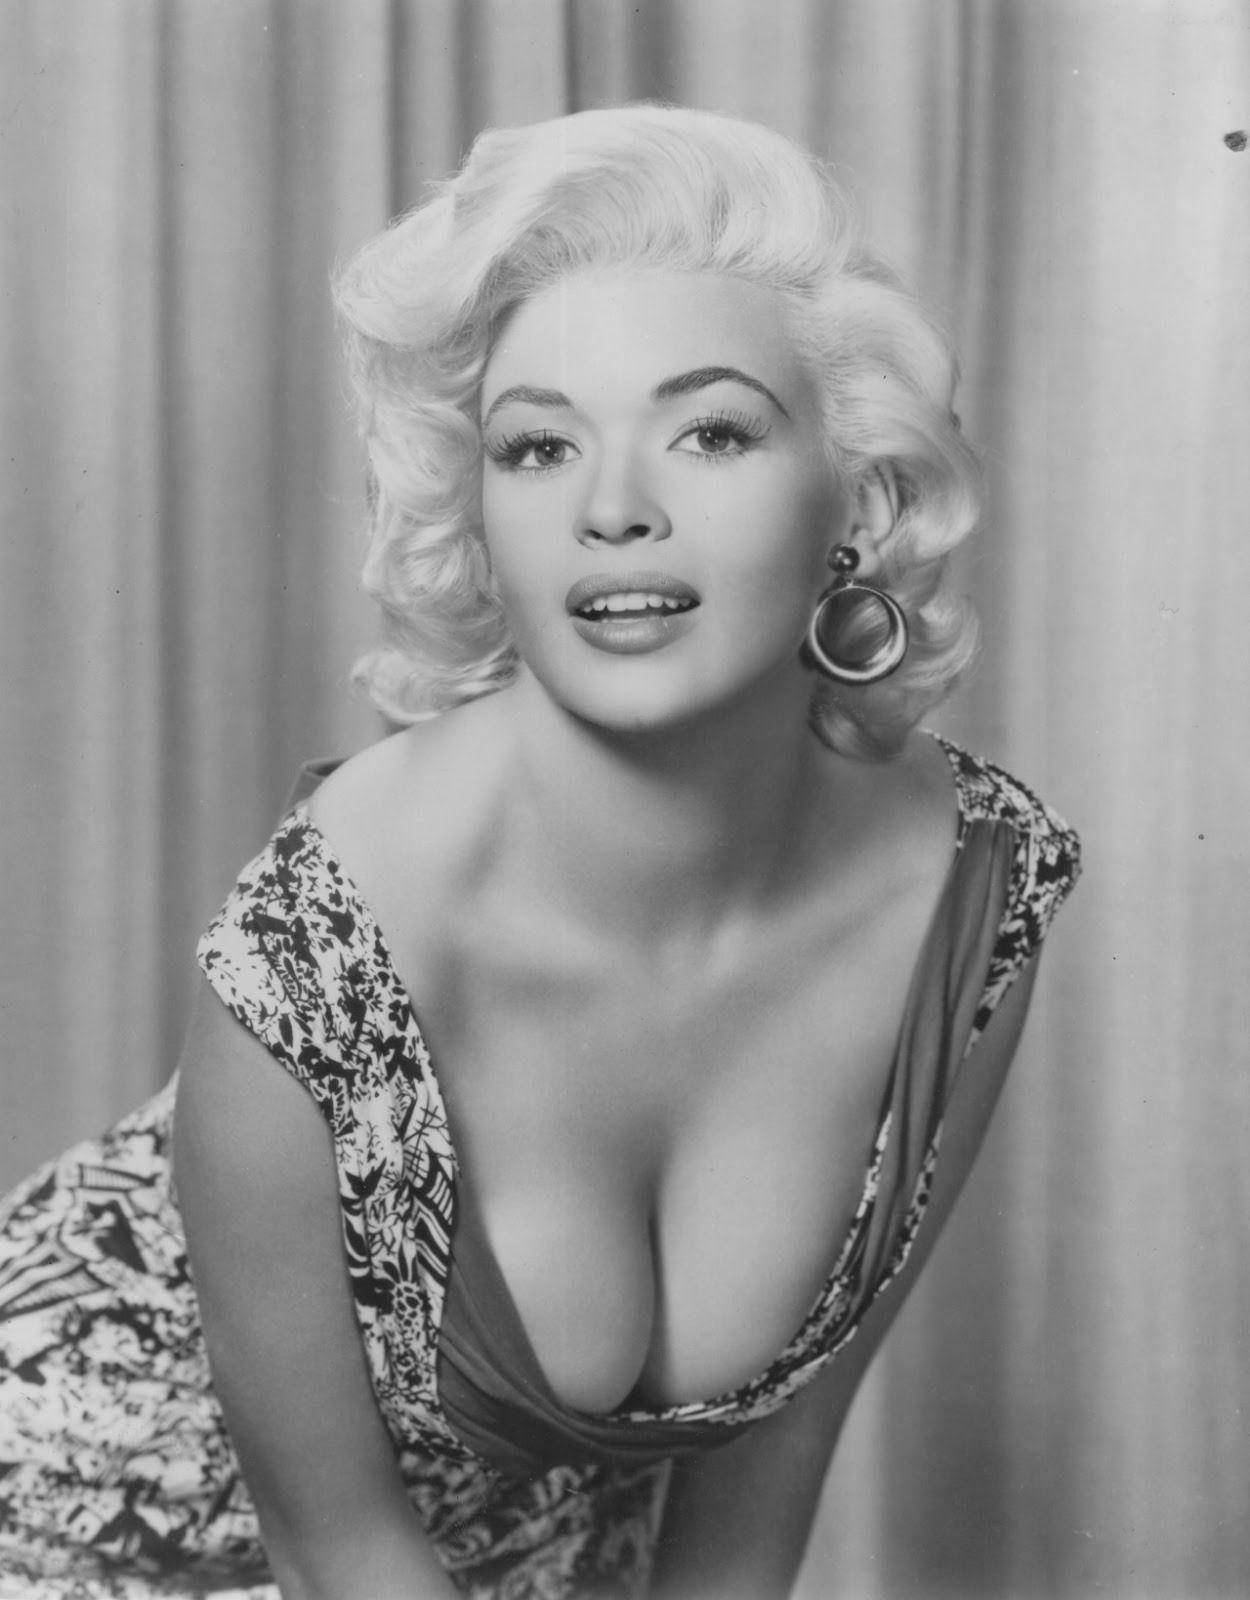 Marilyn Monroe Marilyn monroe tattoo, Marilyn monroe art